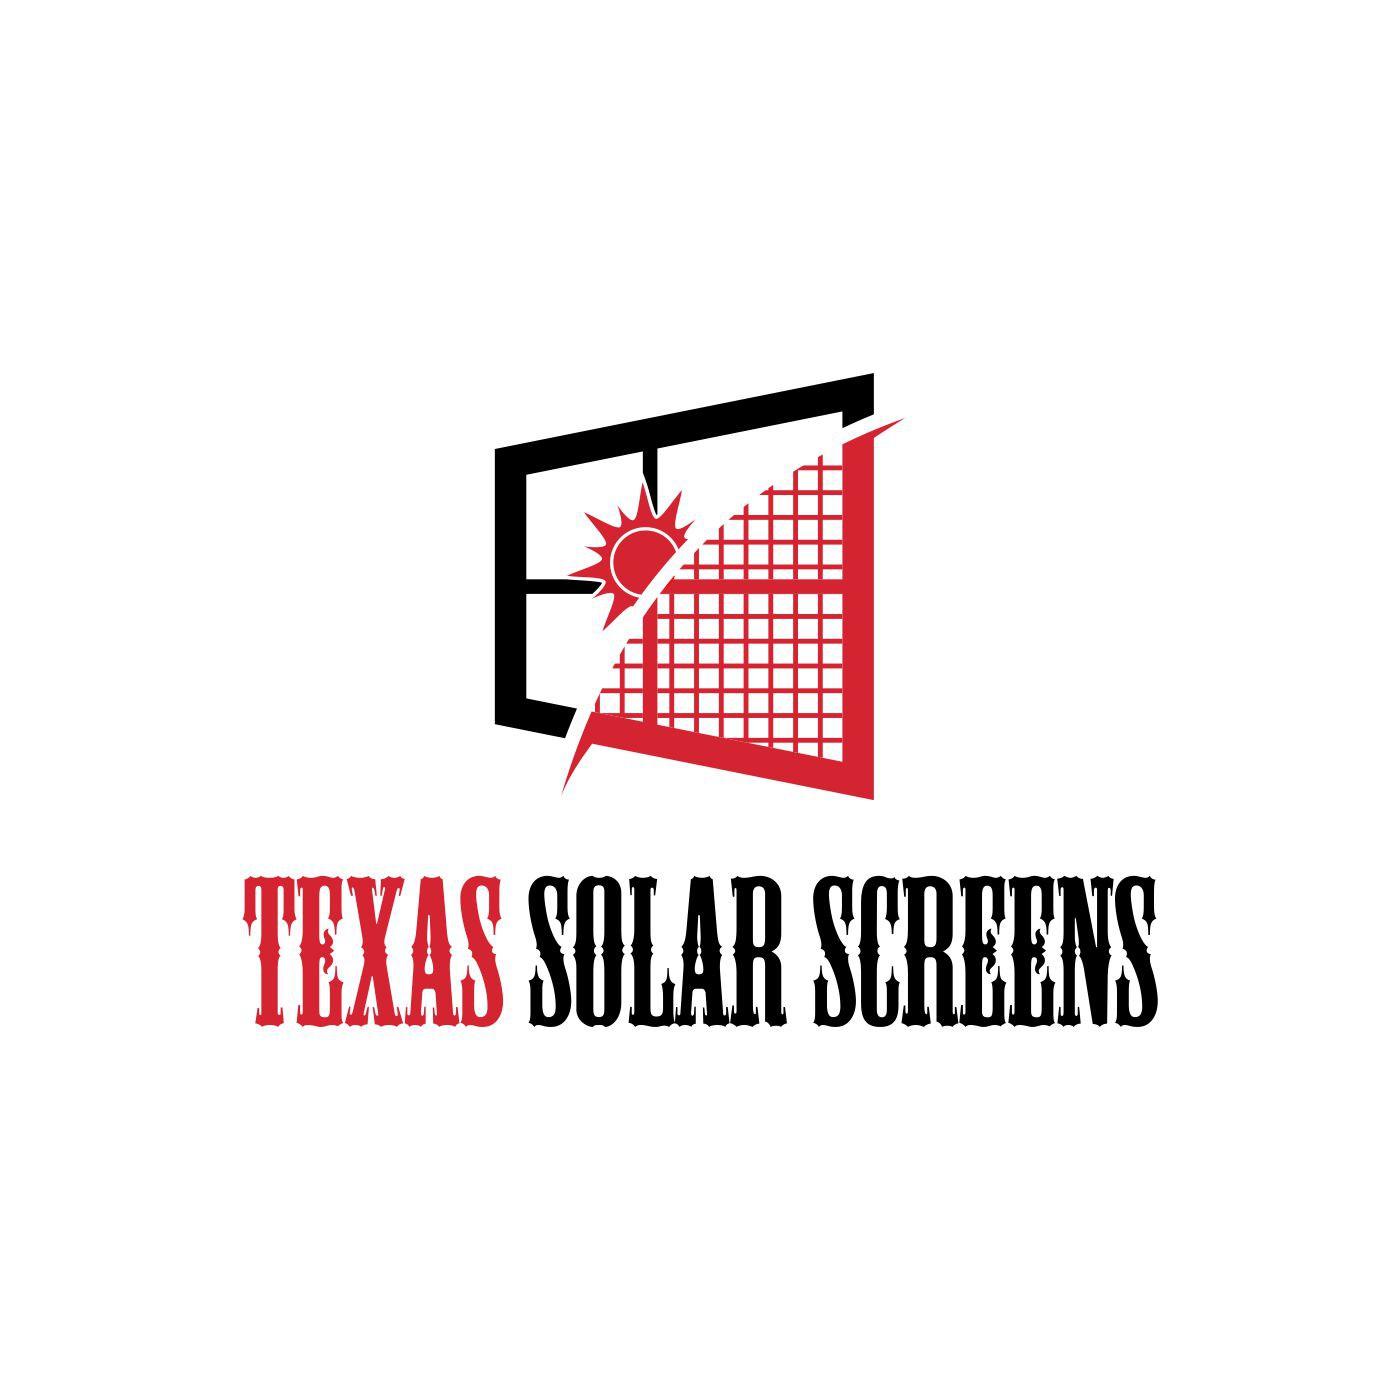 Logo for Texas based solar screen manufacturer & installer